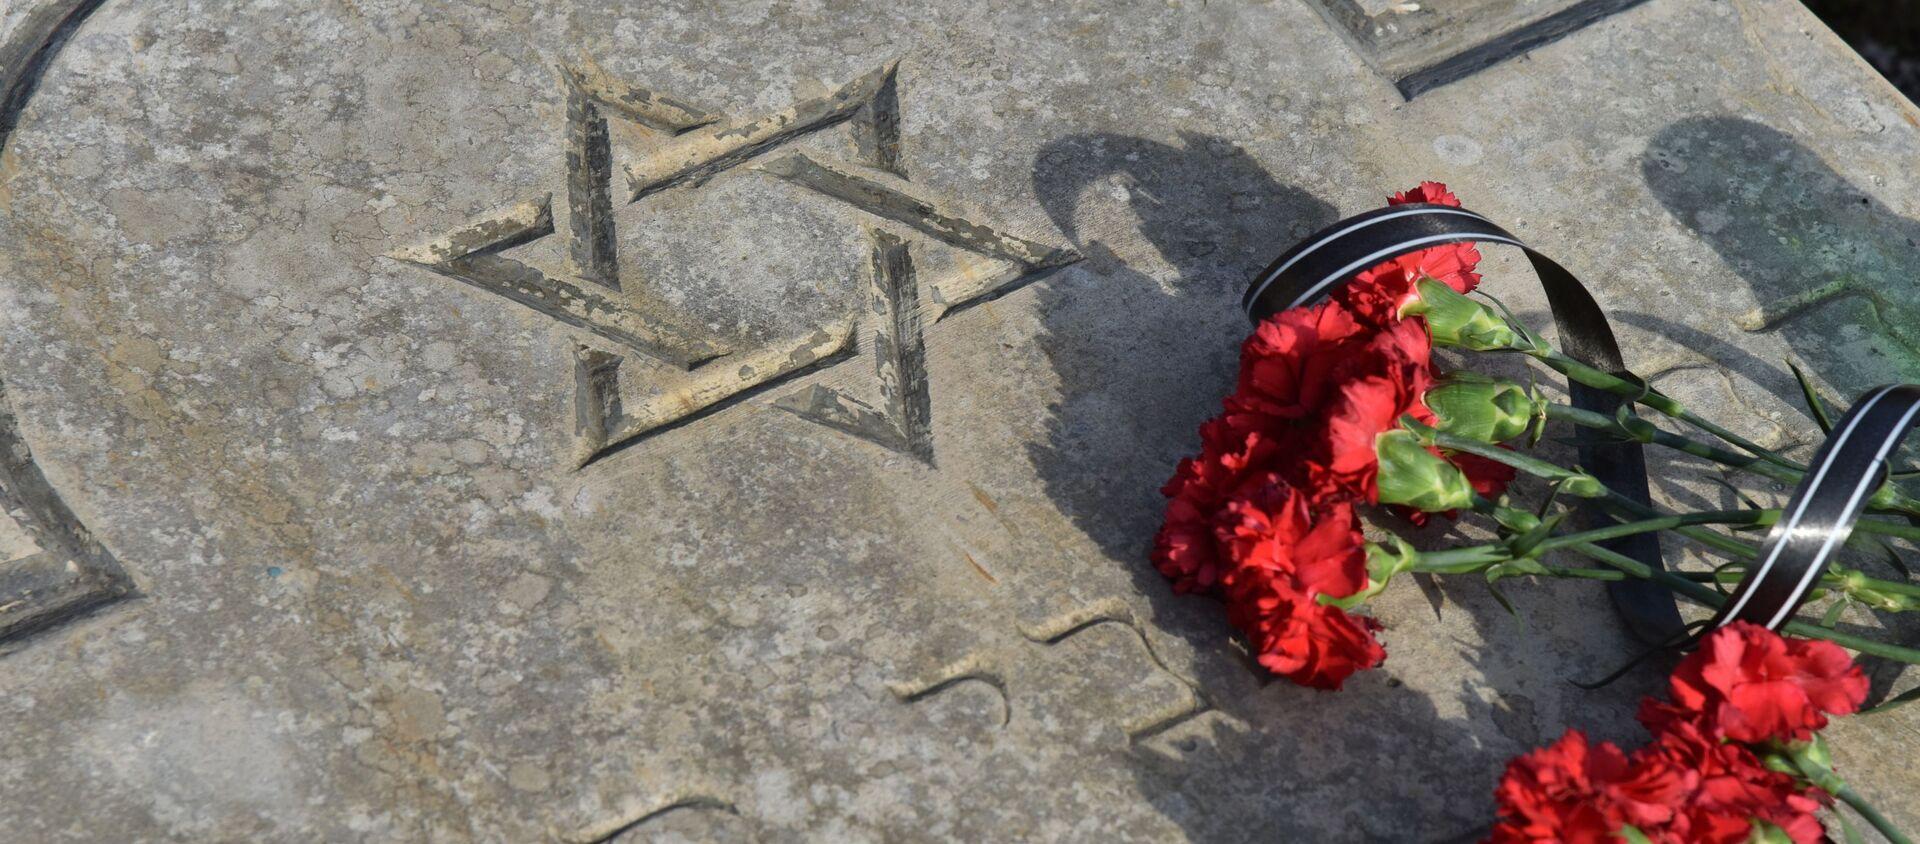 Monumento a las víctimas del Holocausto (imagen referencial) - Sputnik Mundo, 1920, 27.01.2021